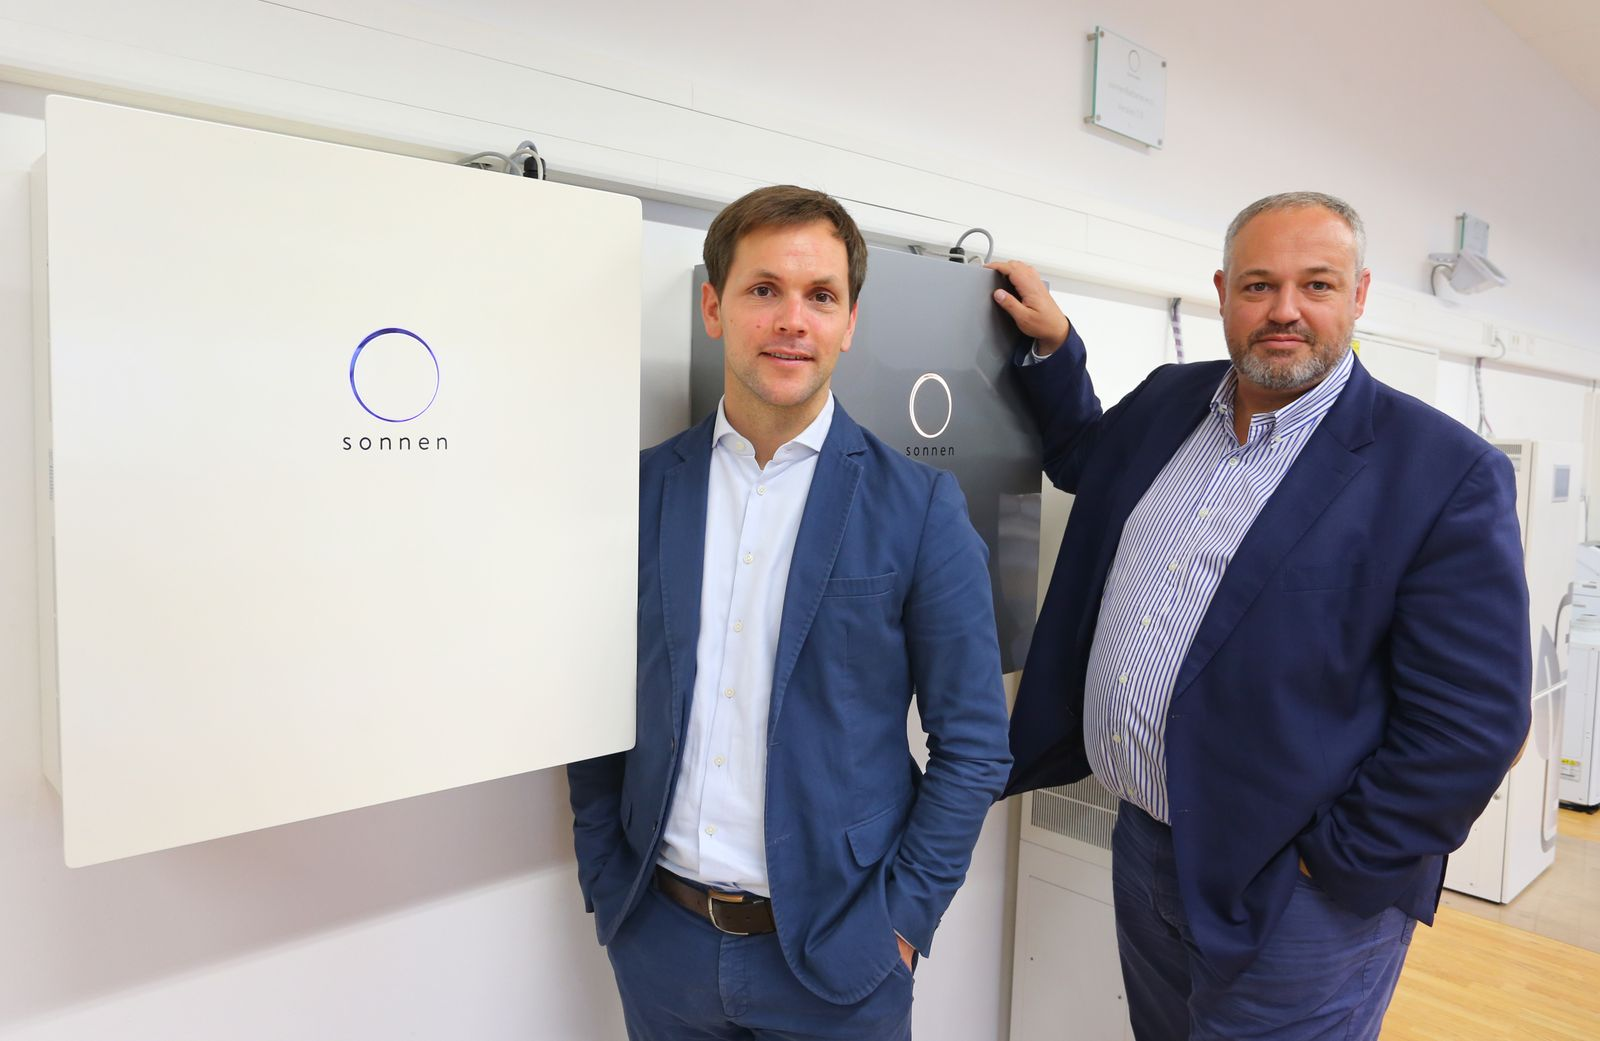 Philipp Schröder / Sonnen GmbH